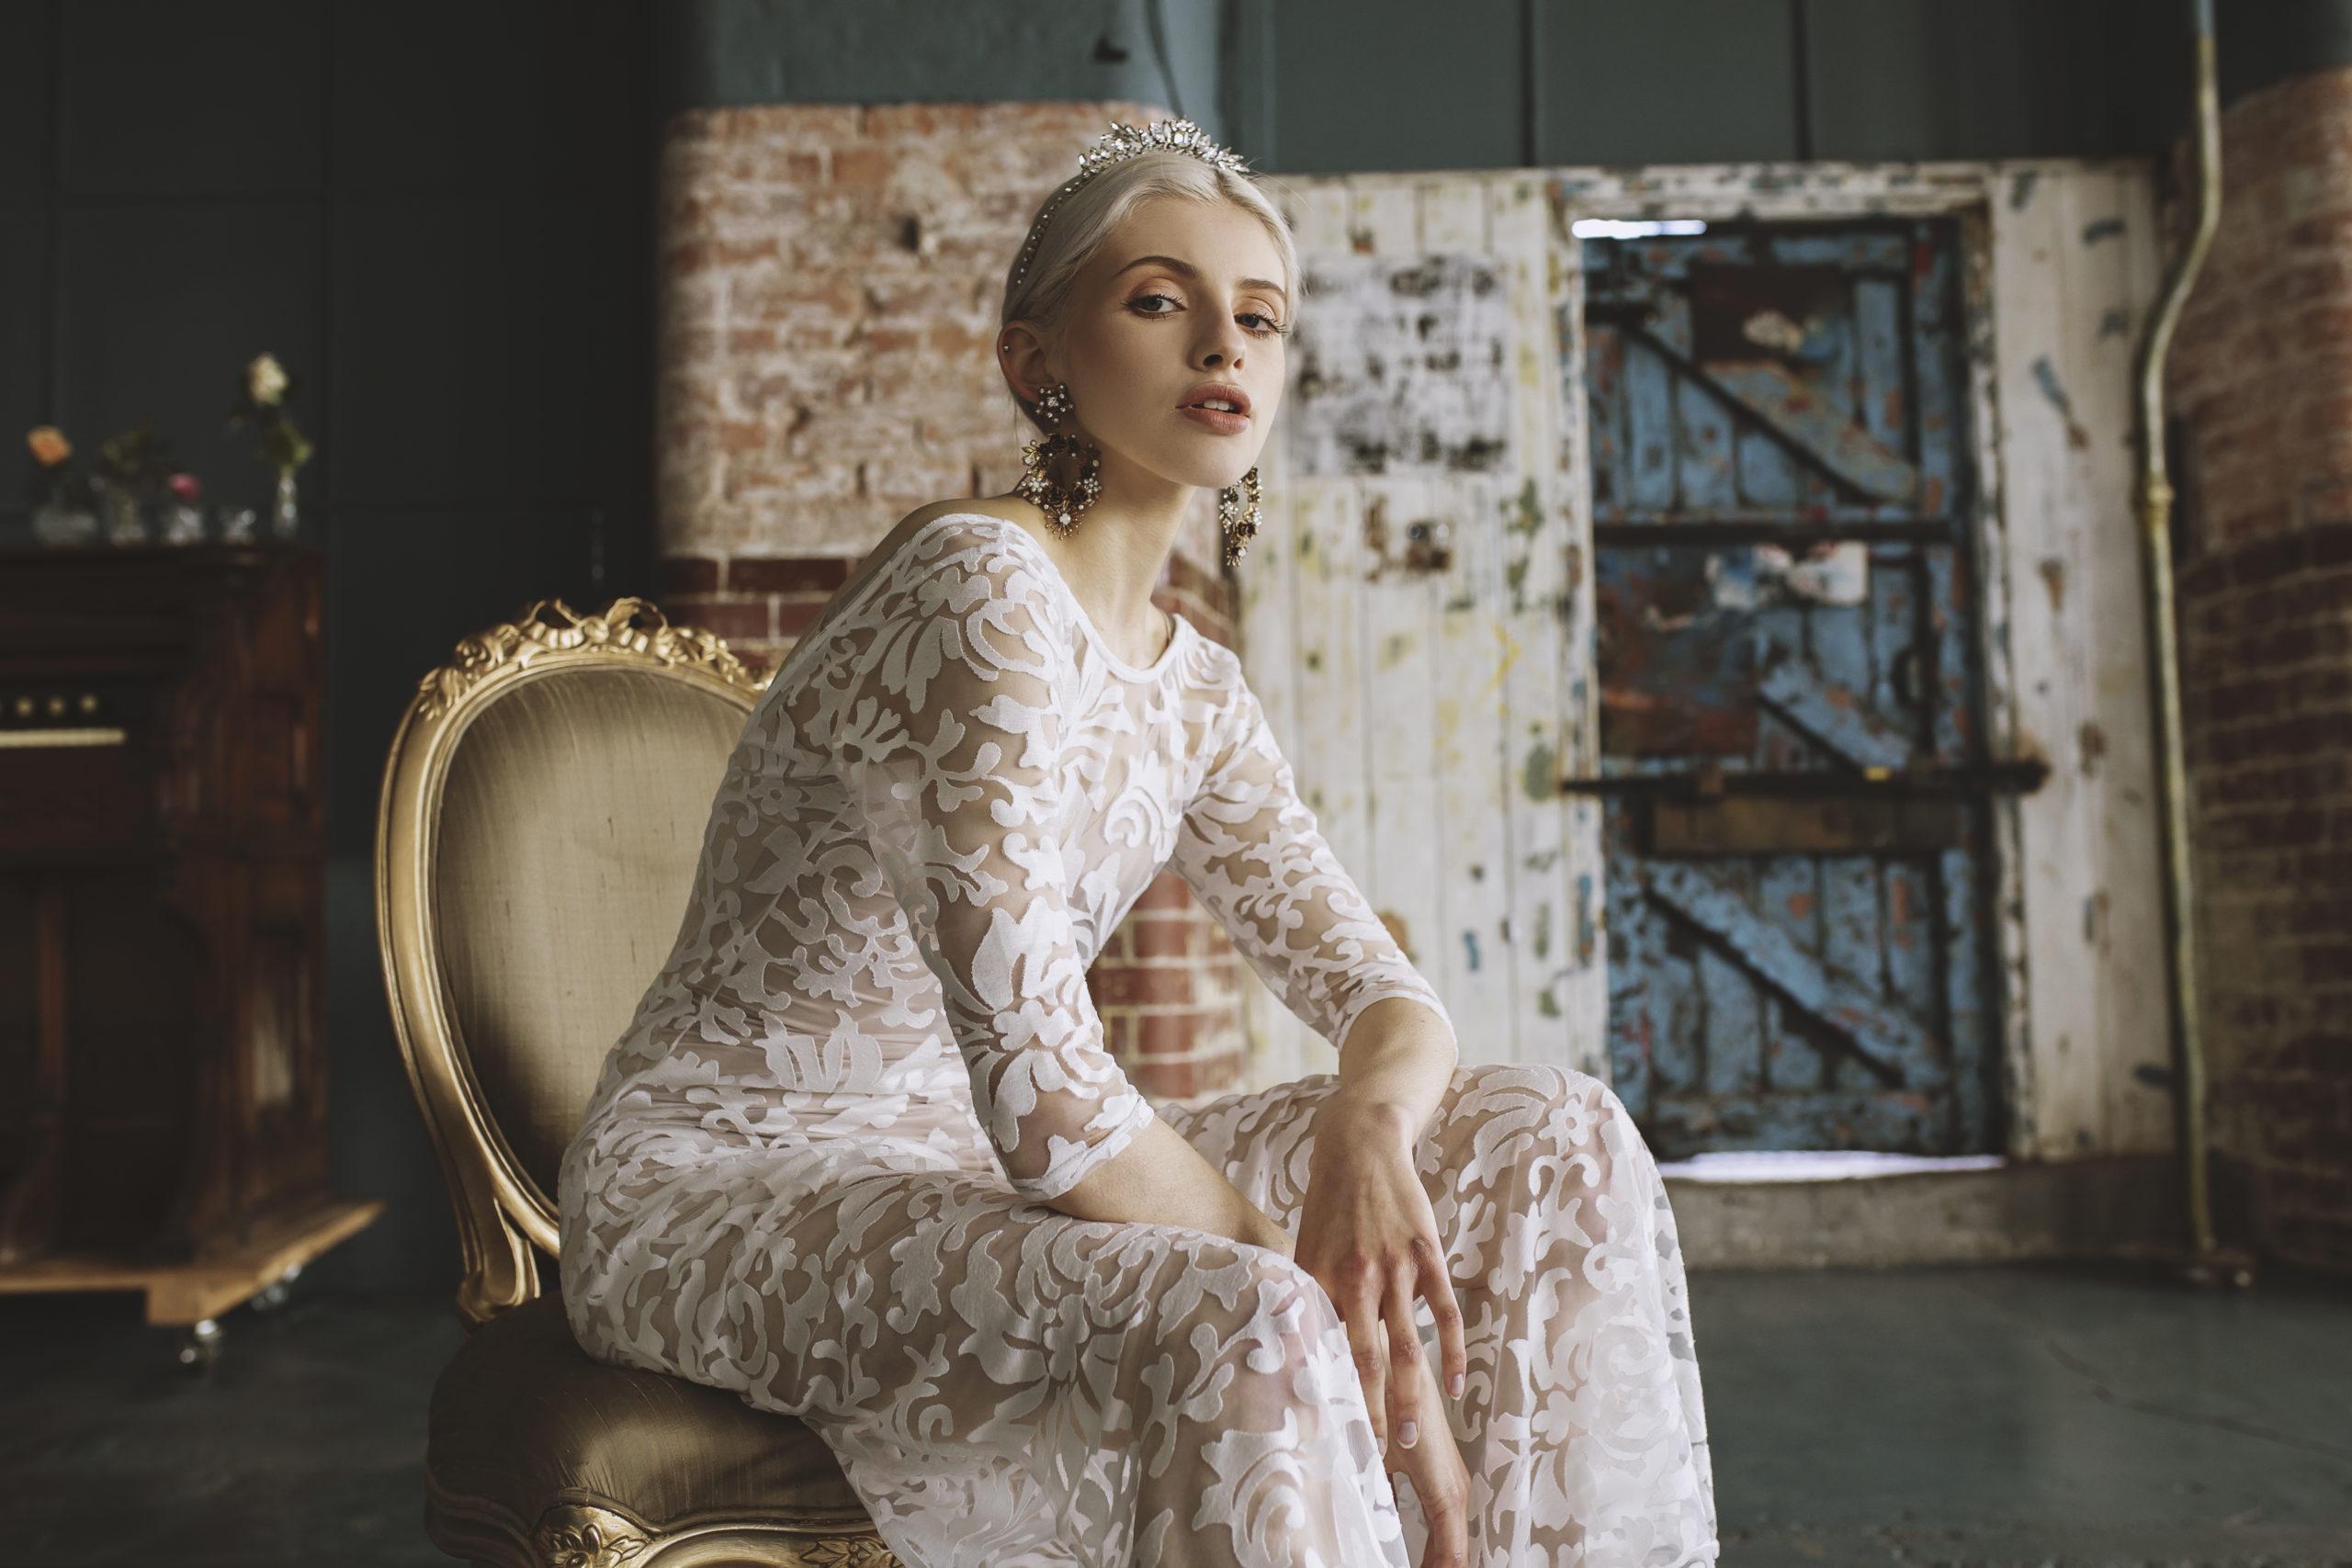 boucles d'oreilles oversize dramatique baroque chic moderne sophistiquée robe de mariée bijoux Genève luxe rendez-vous expérience centre-ville